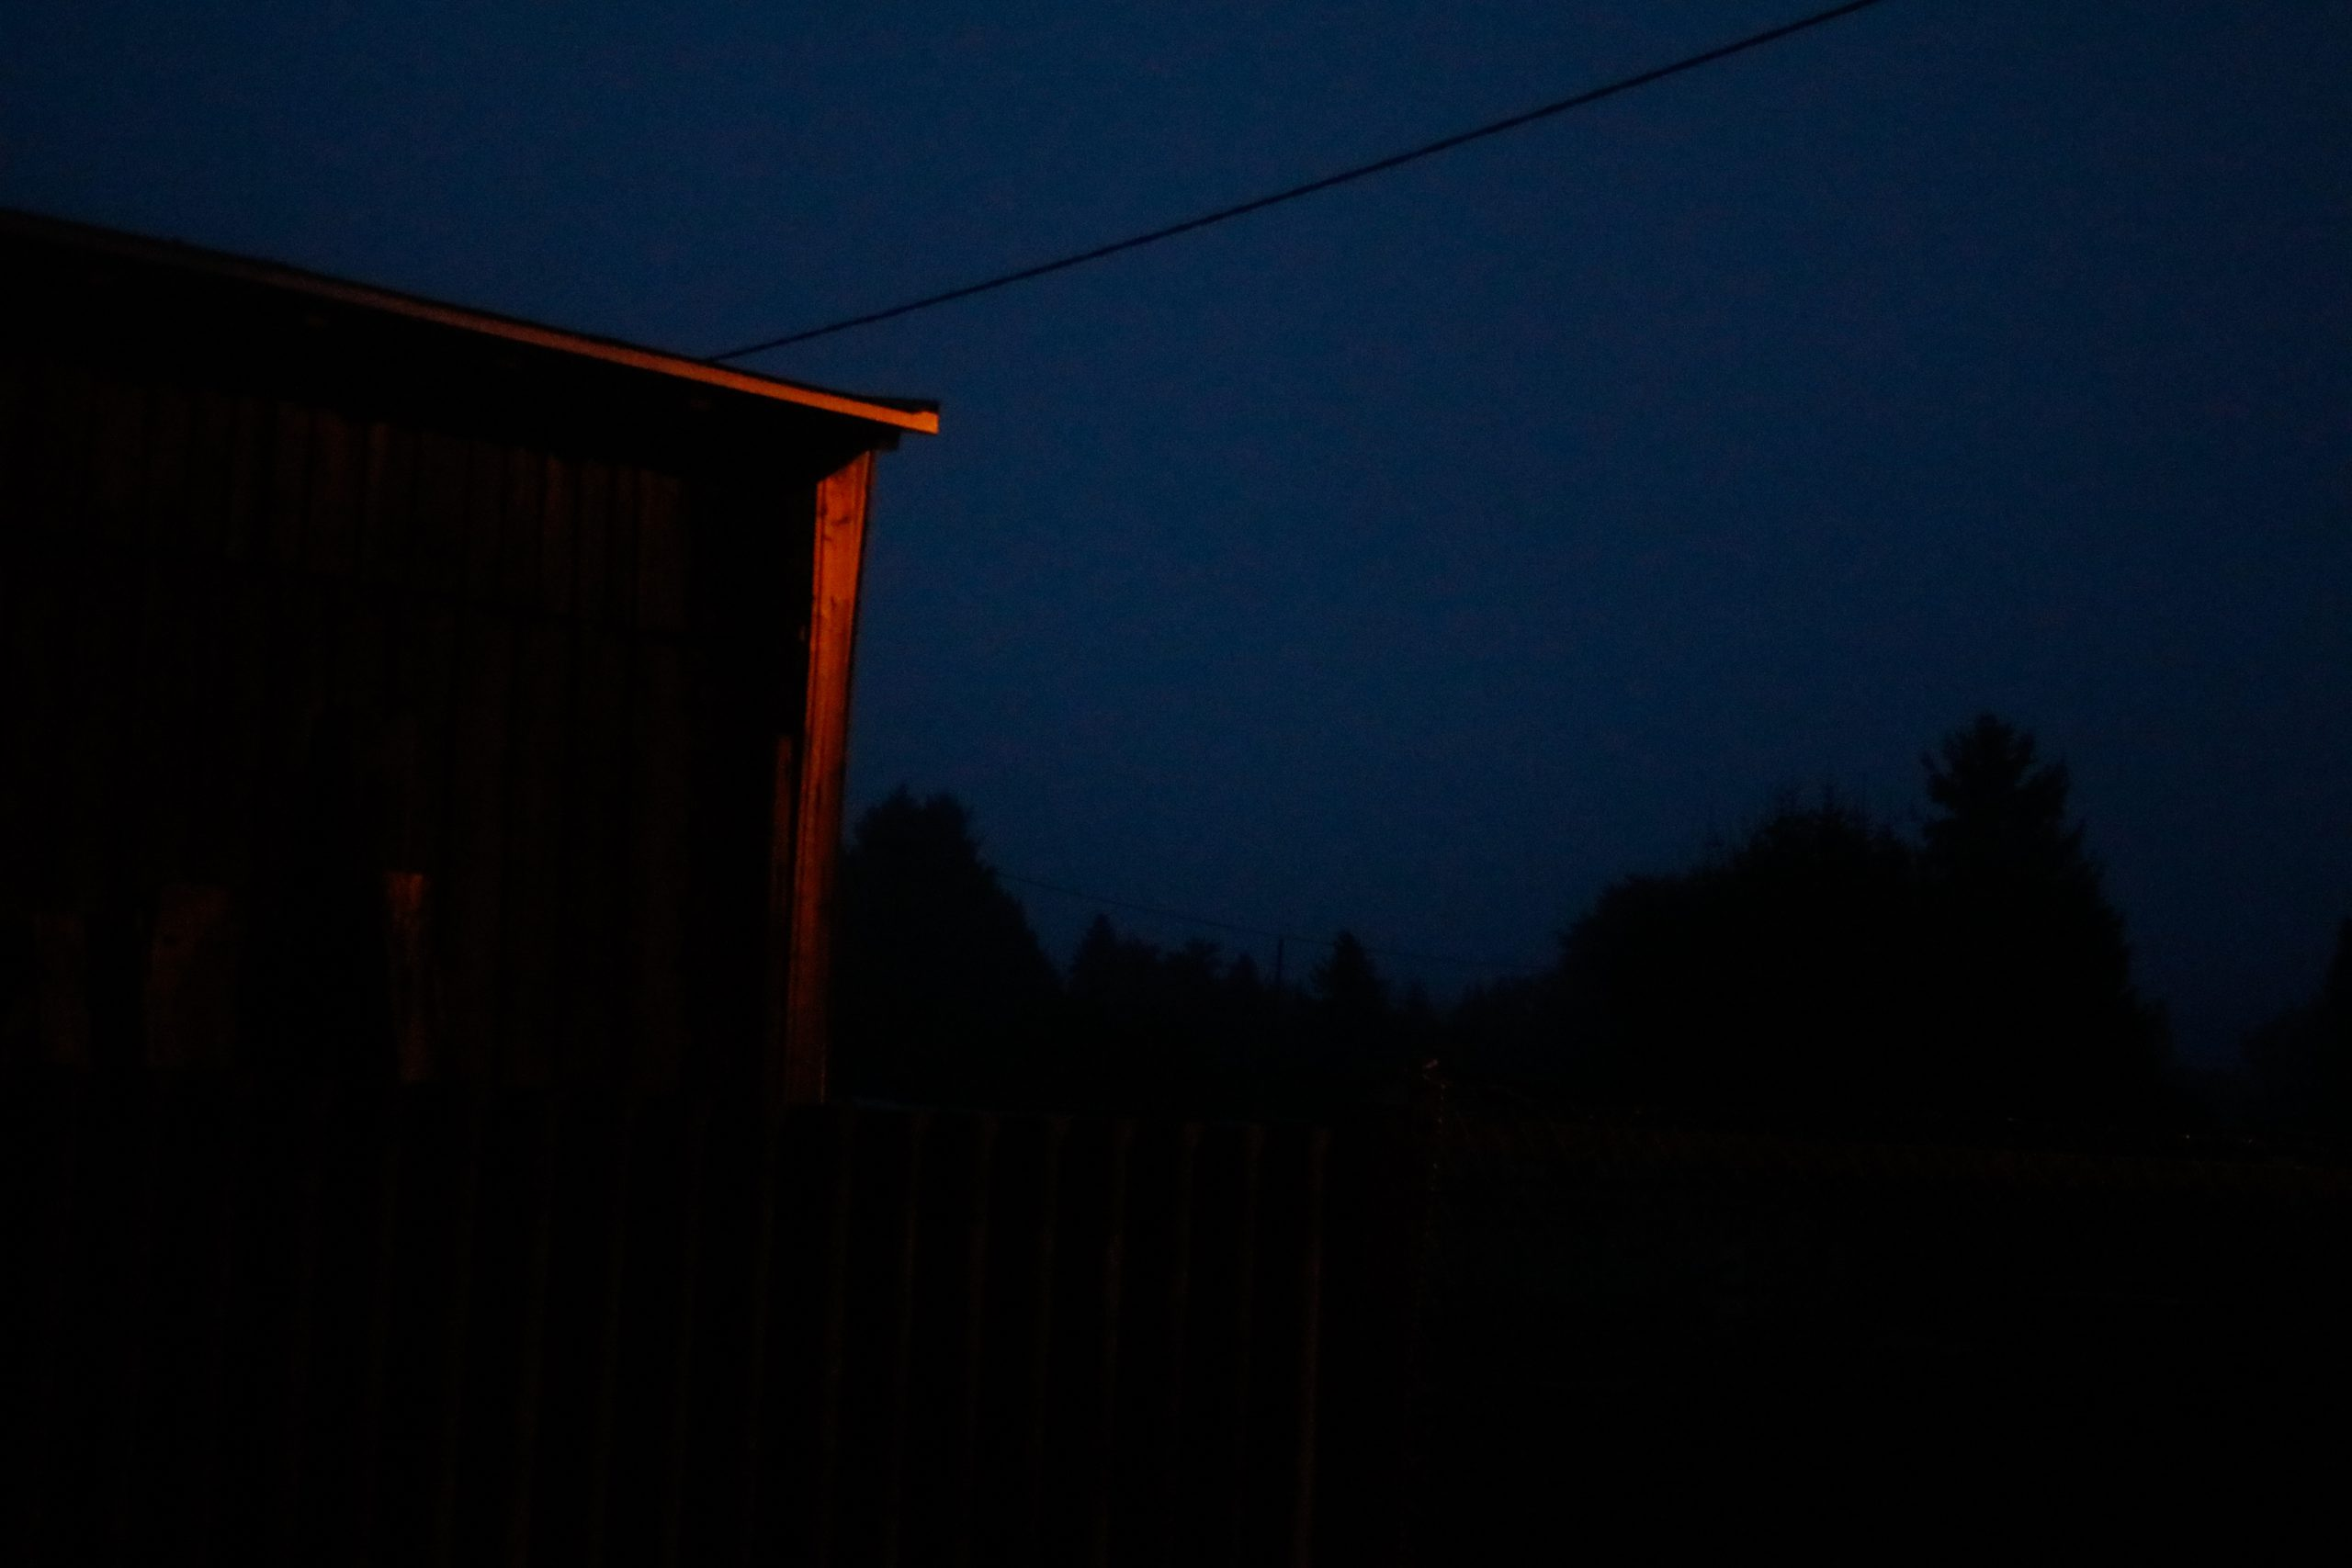 ein Haus, das von einer Laterne sanft angeleuchtet wird